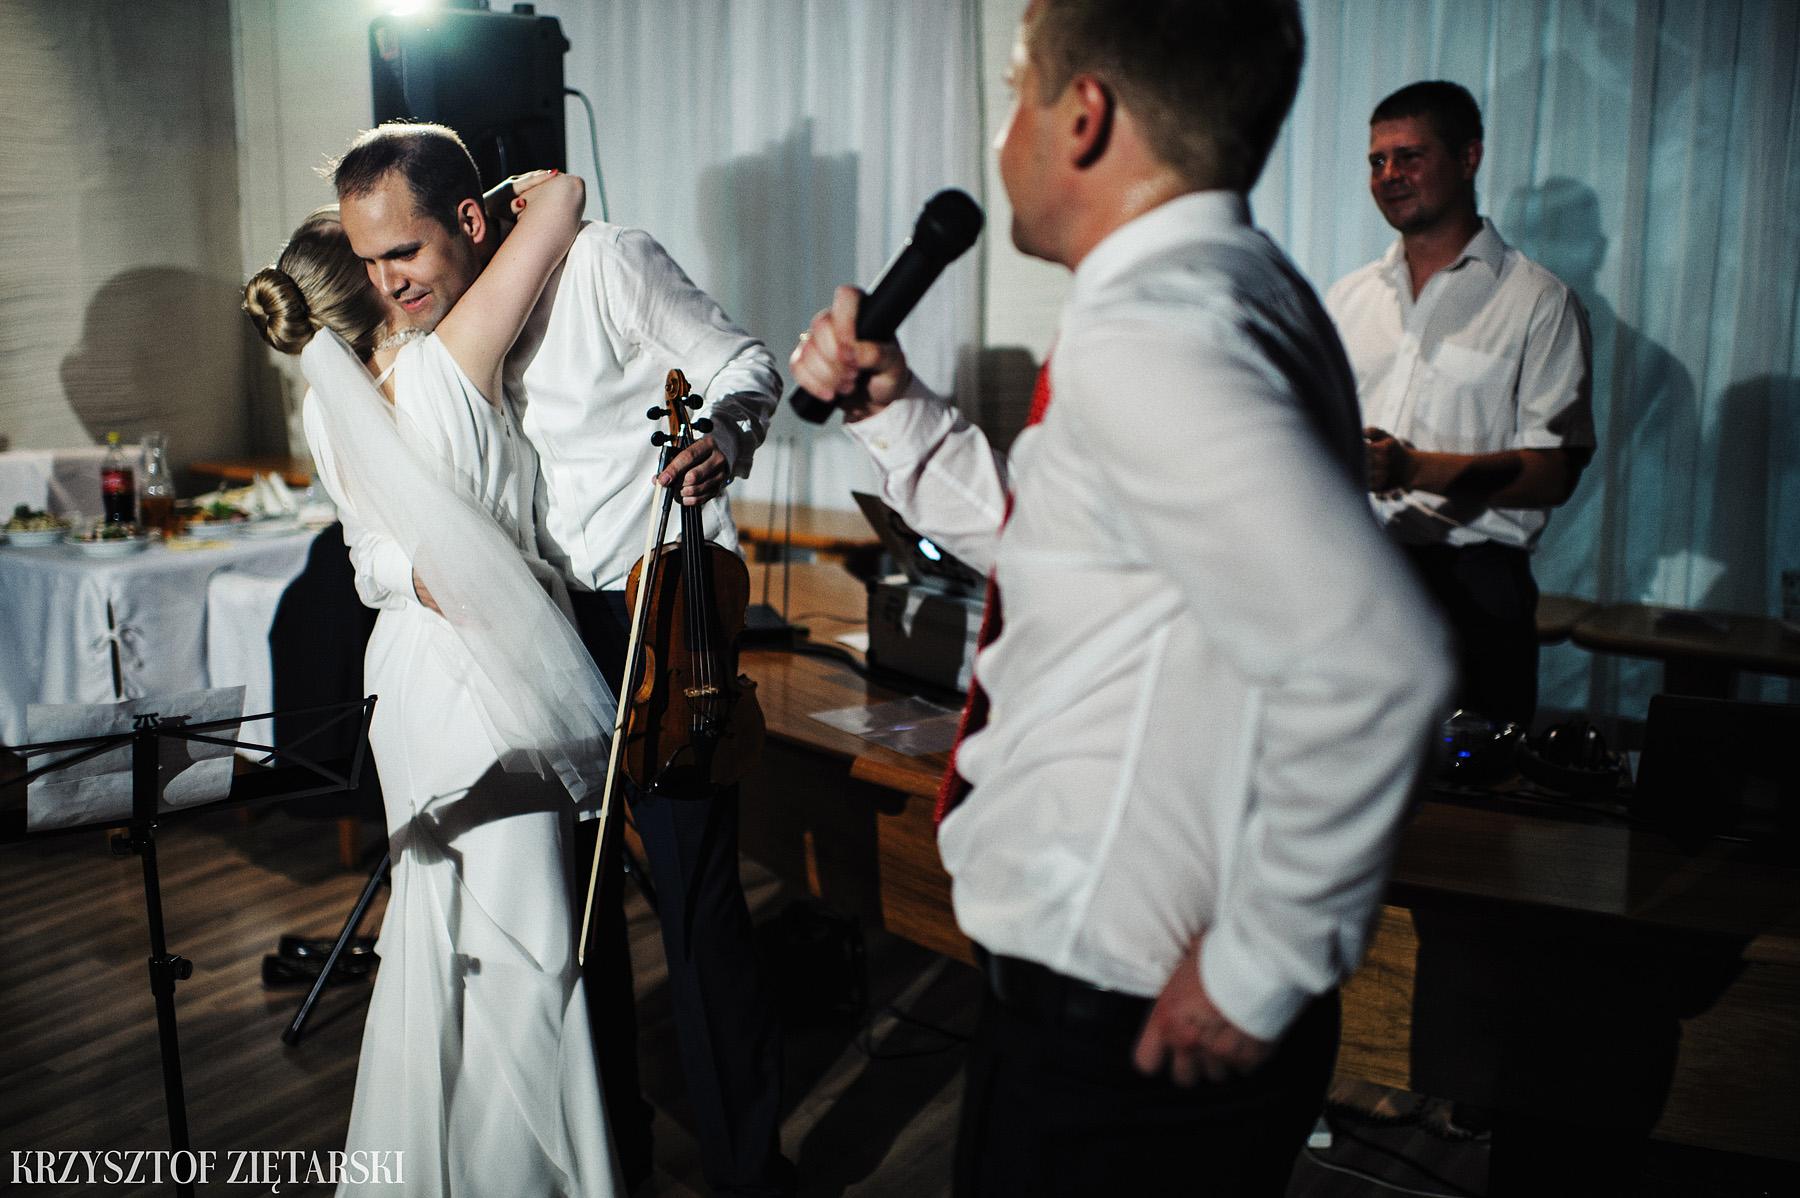 Ola i Grzegorz - Fotografia ślubna Gdynia, Kolegiata NMP, wesele restauracja COCO, plener na Darze Pomorza - 63.